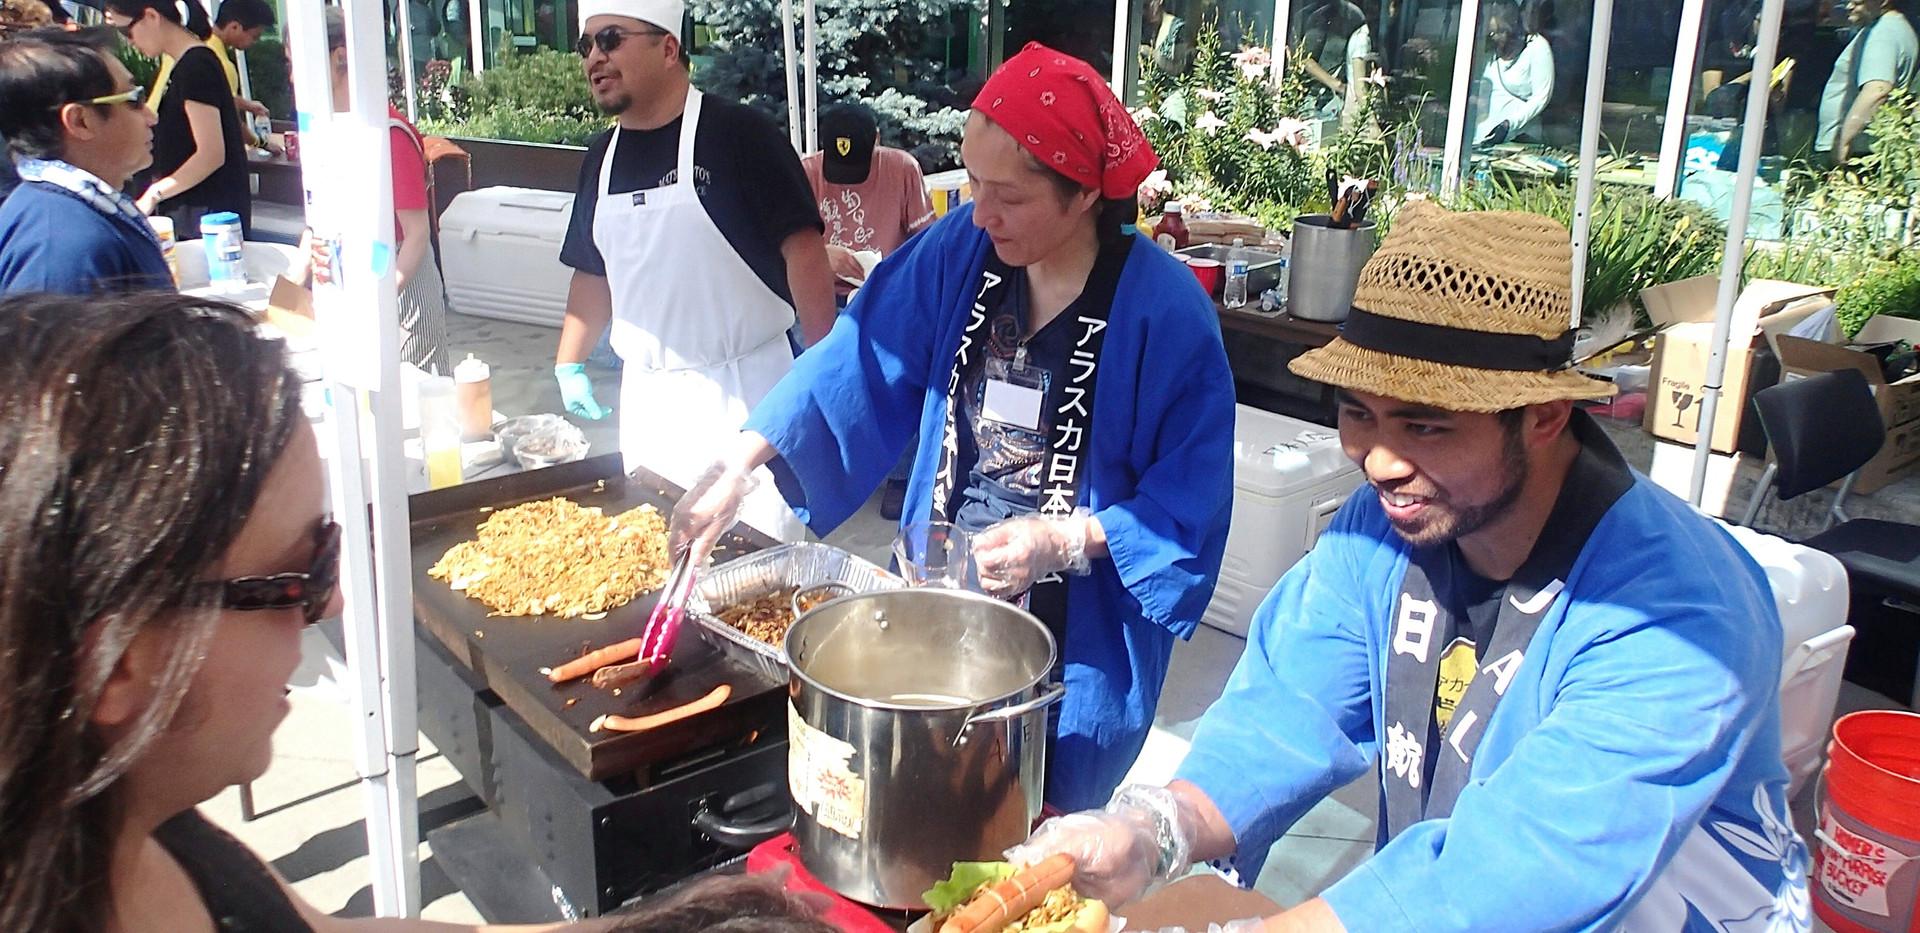 Summer Festival Food